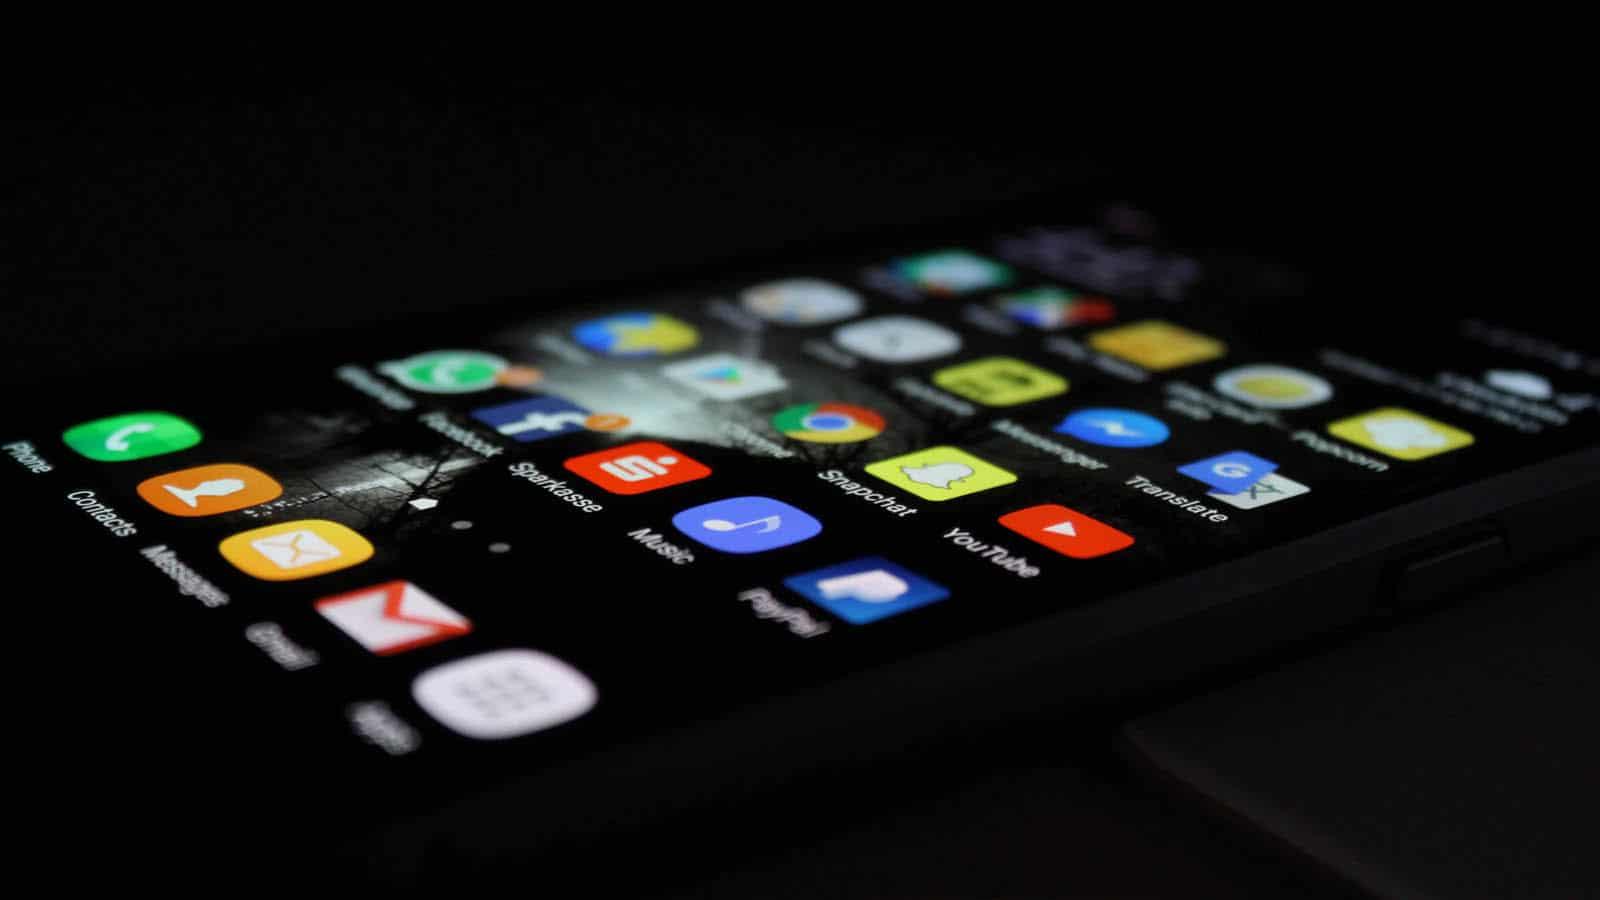 aplikácie na telefóne